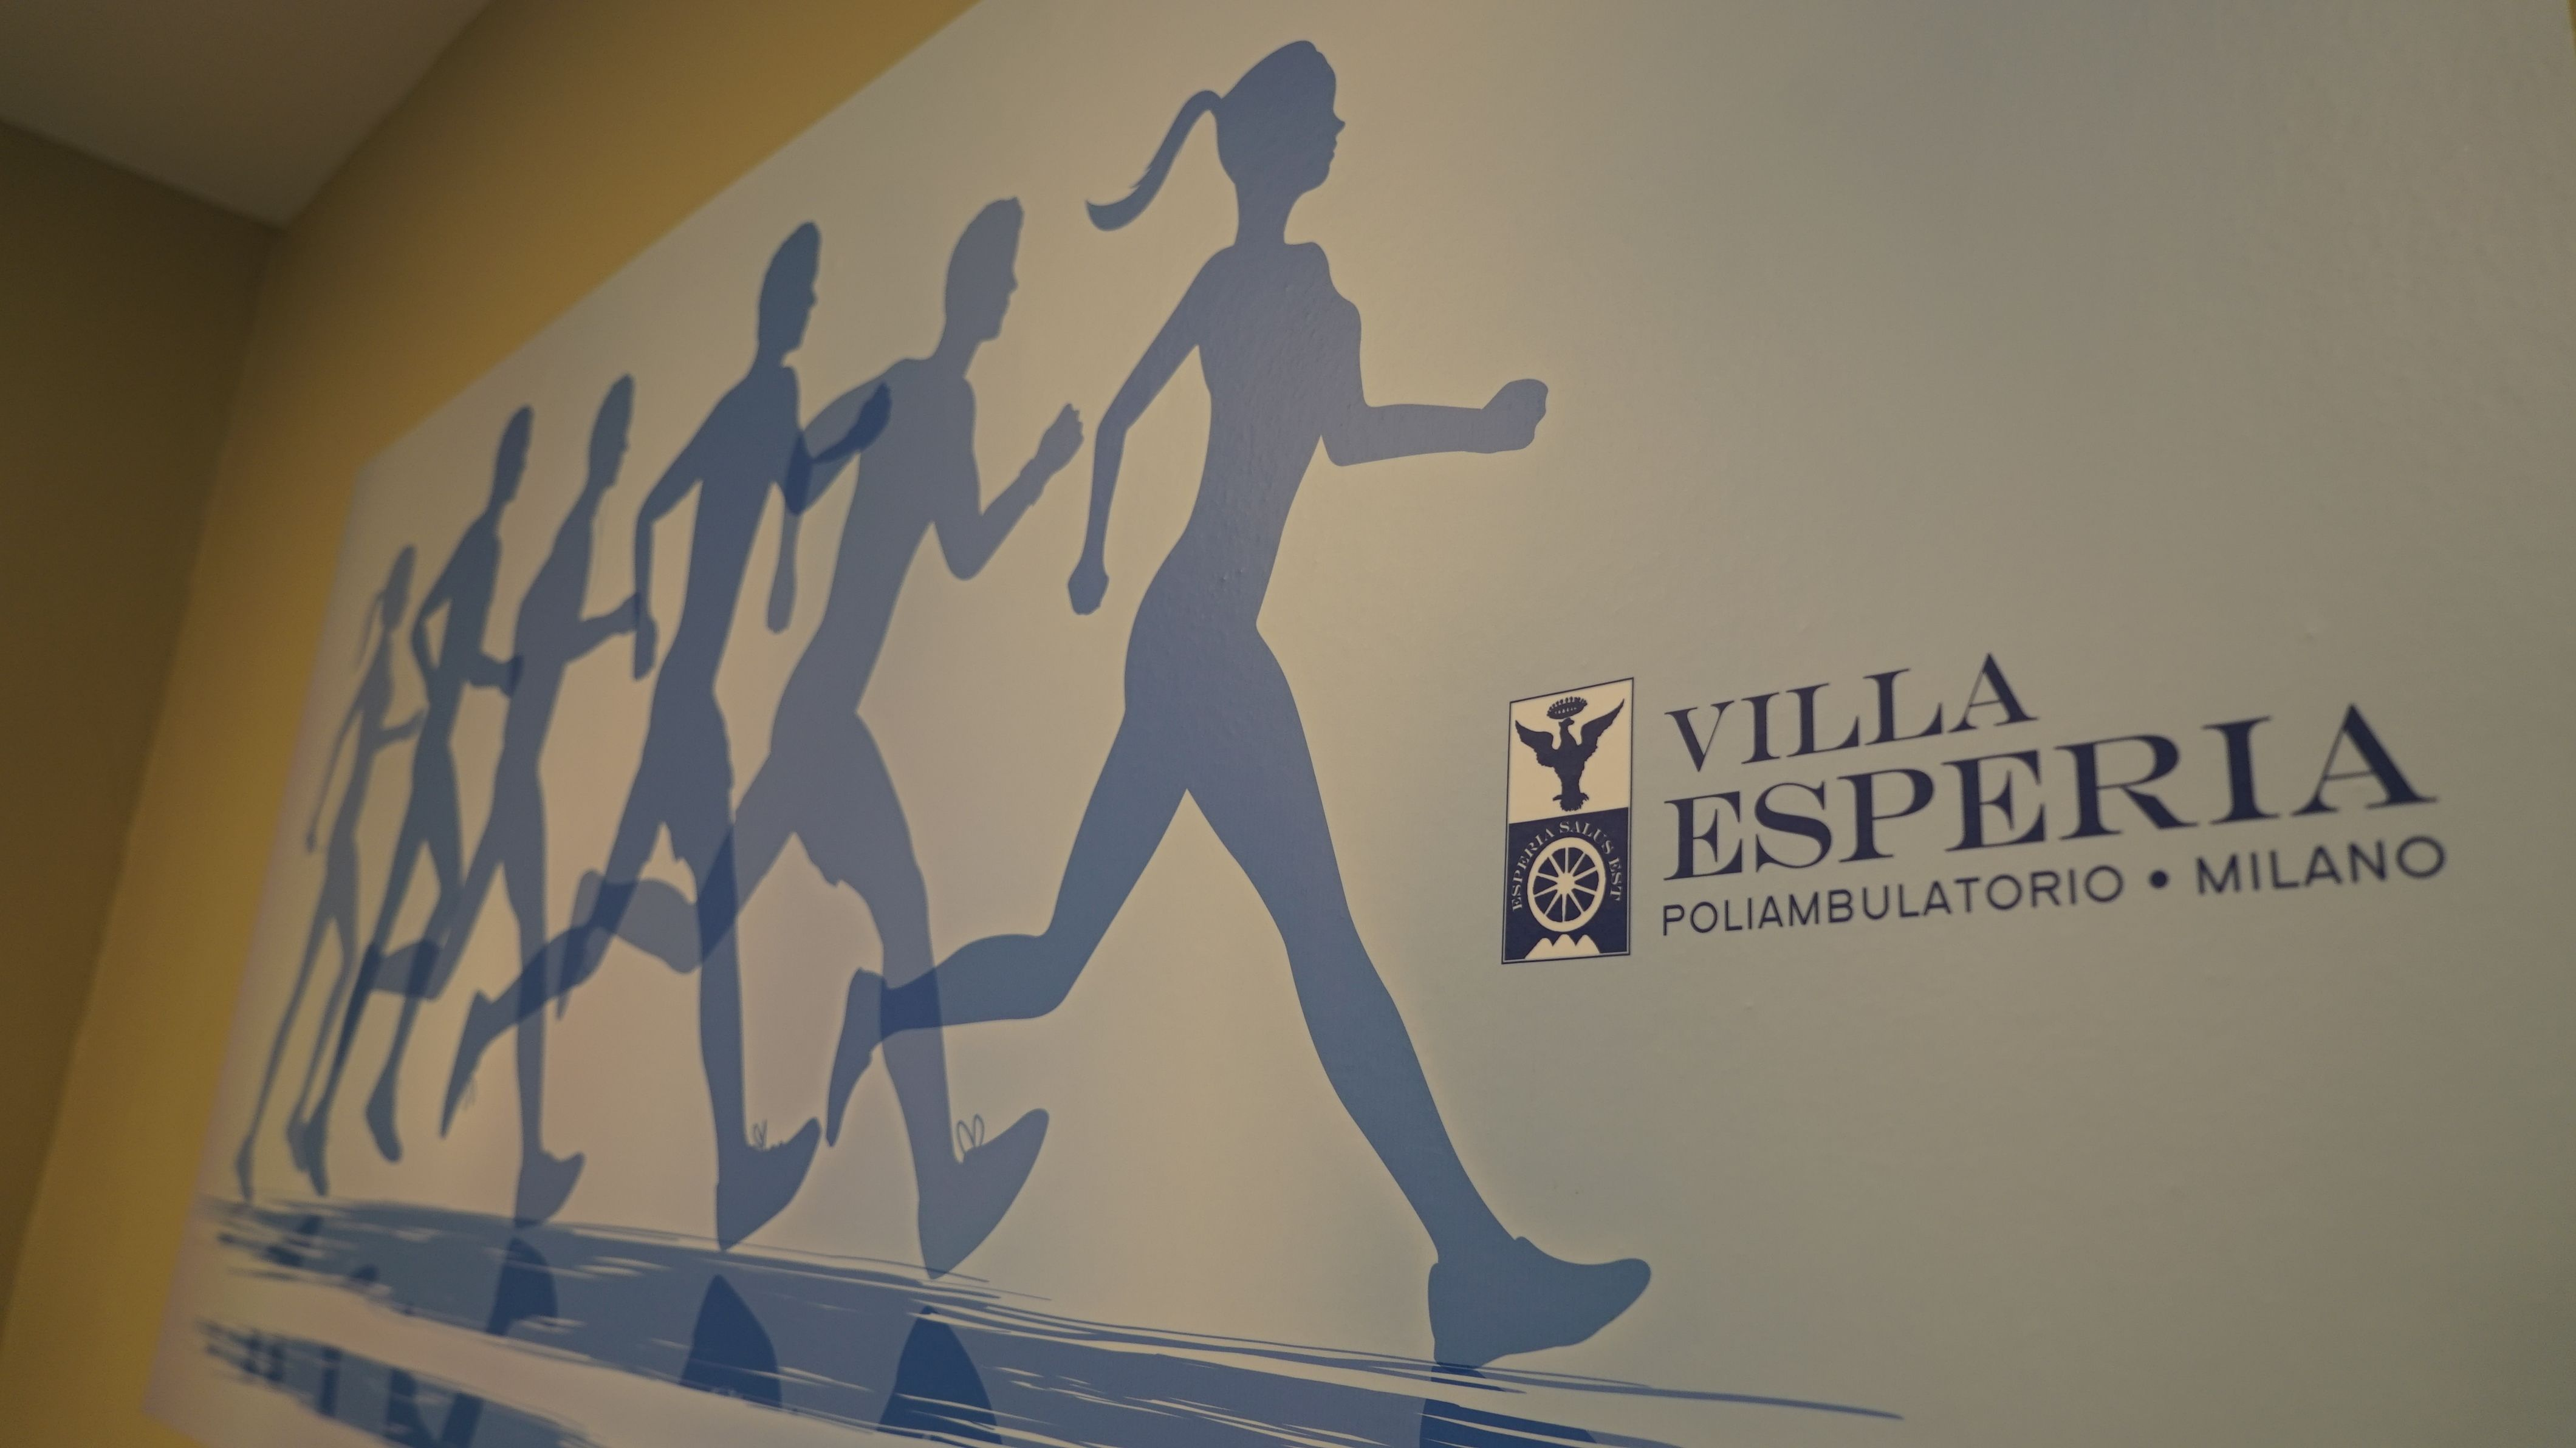 Presso il Poliambulatorio Villa Esperia Milano è possibile